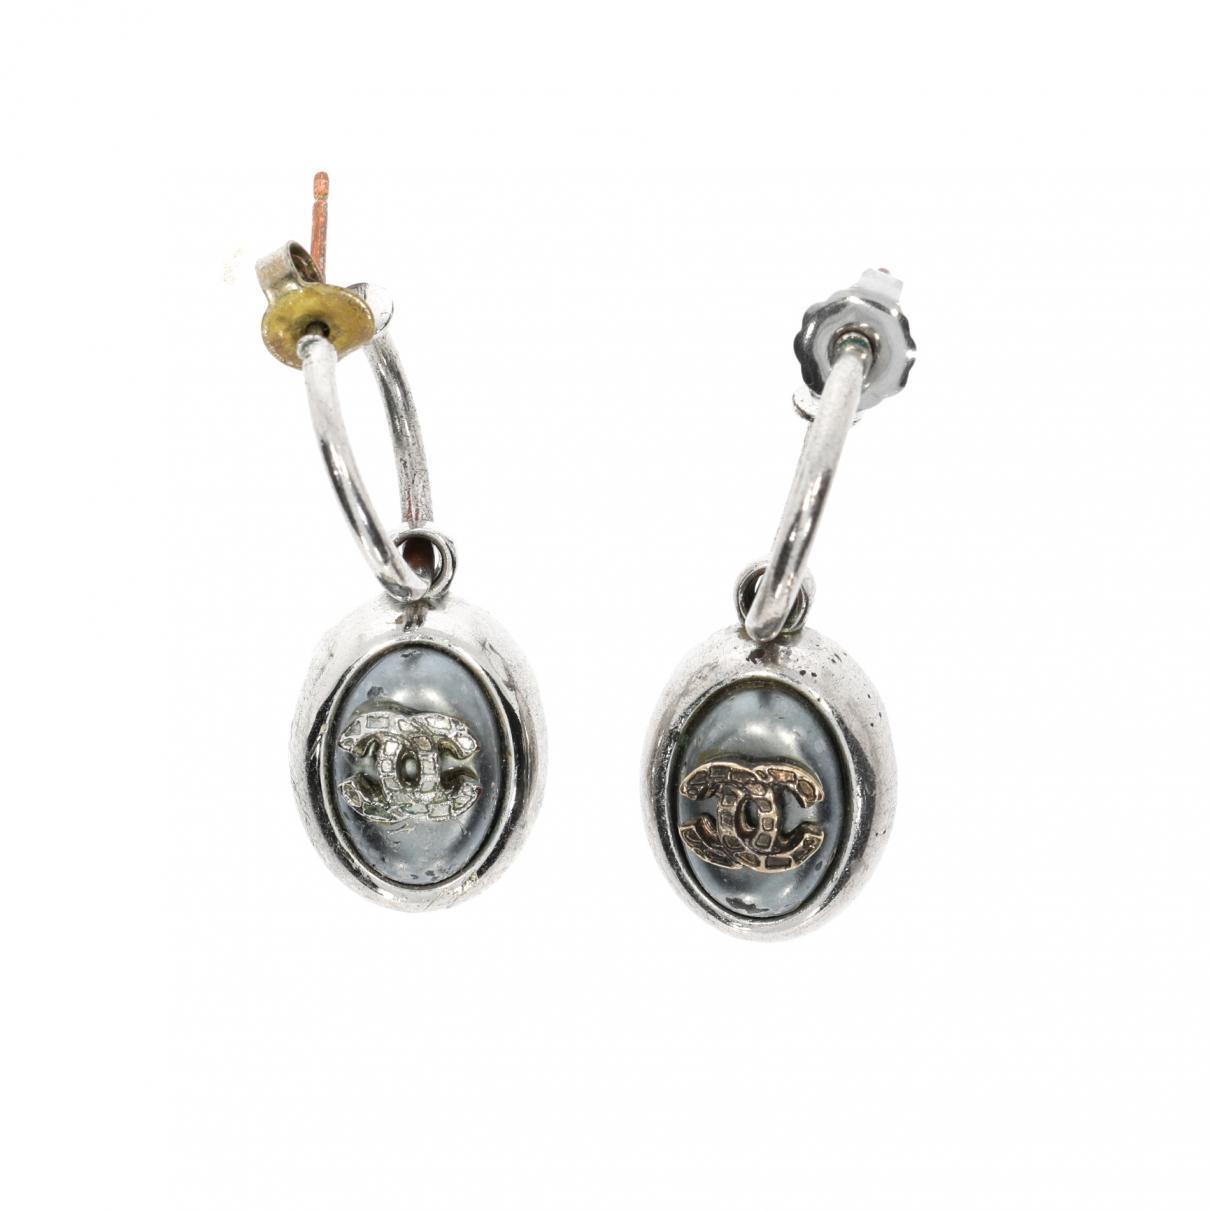 23270dc0cc1cee Lyst - Chanel Earrings in Metallic